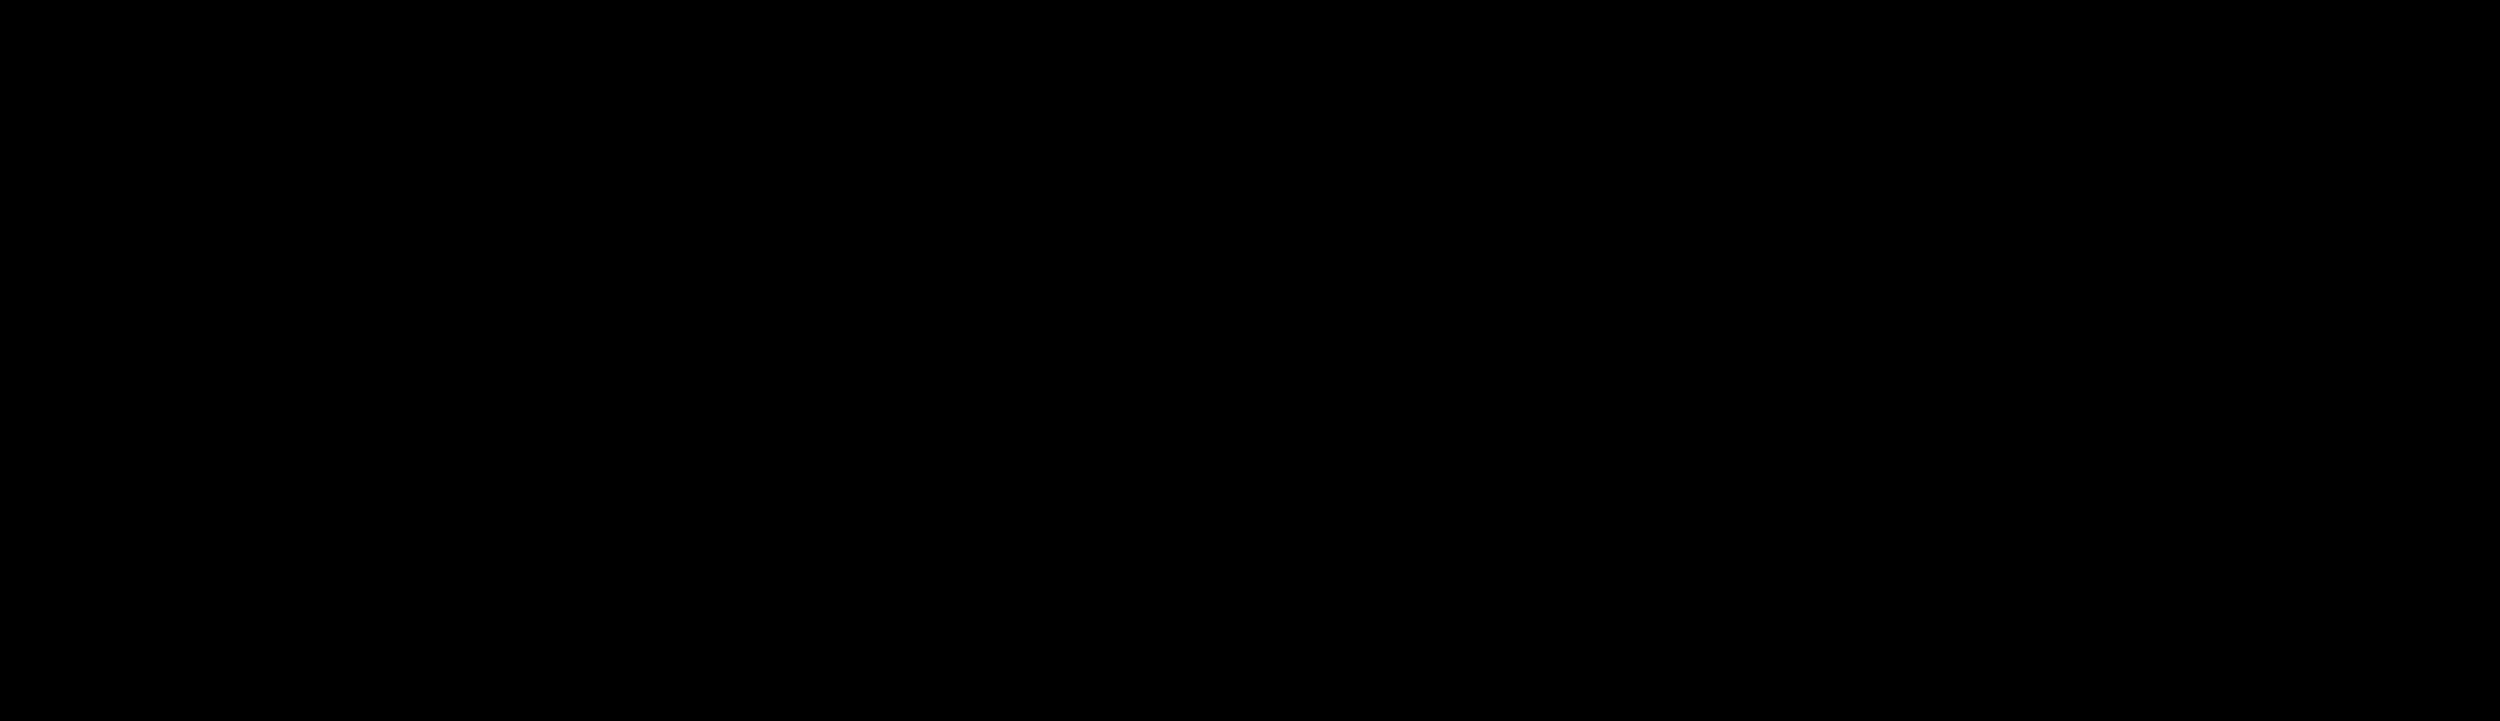 NCE_FI_logo_black_RGB_new.png